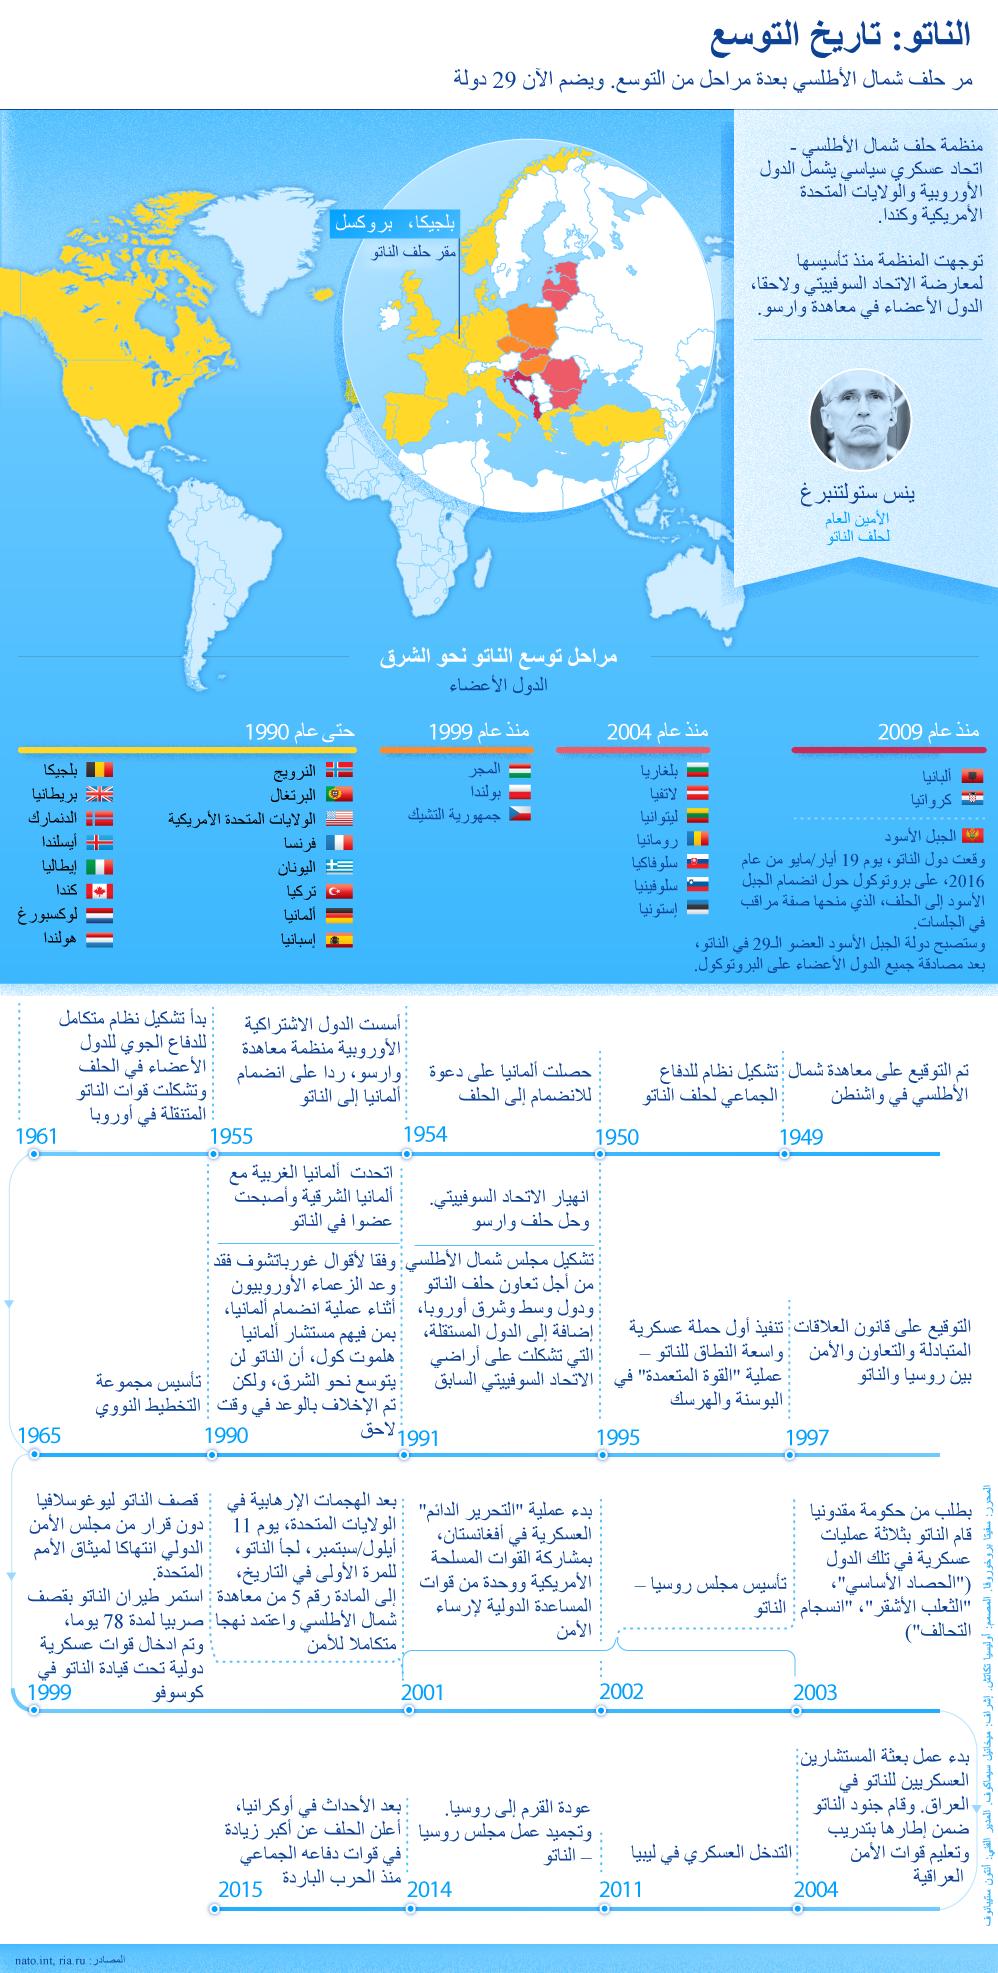 حلف الناتو: تاريخ التوسع